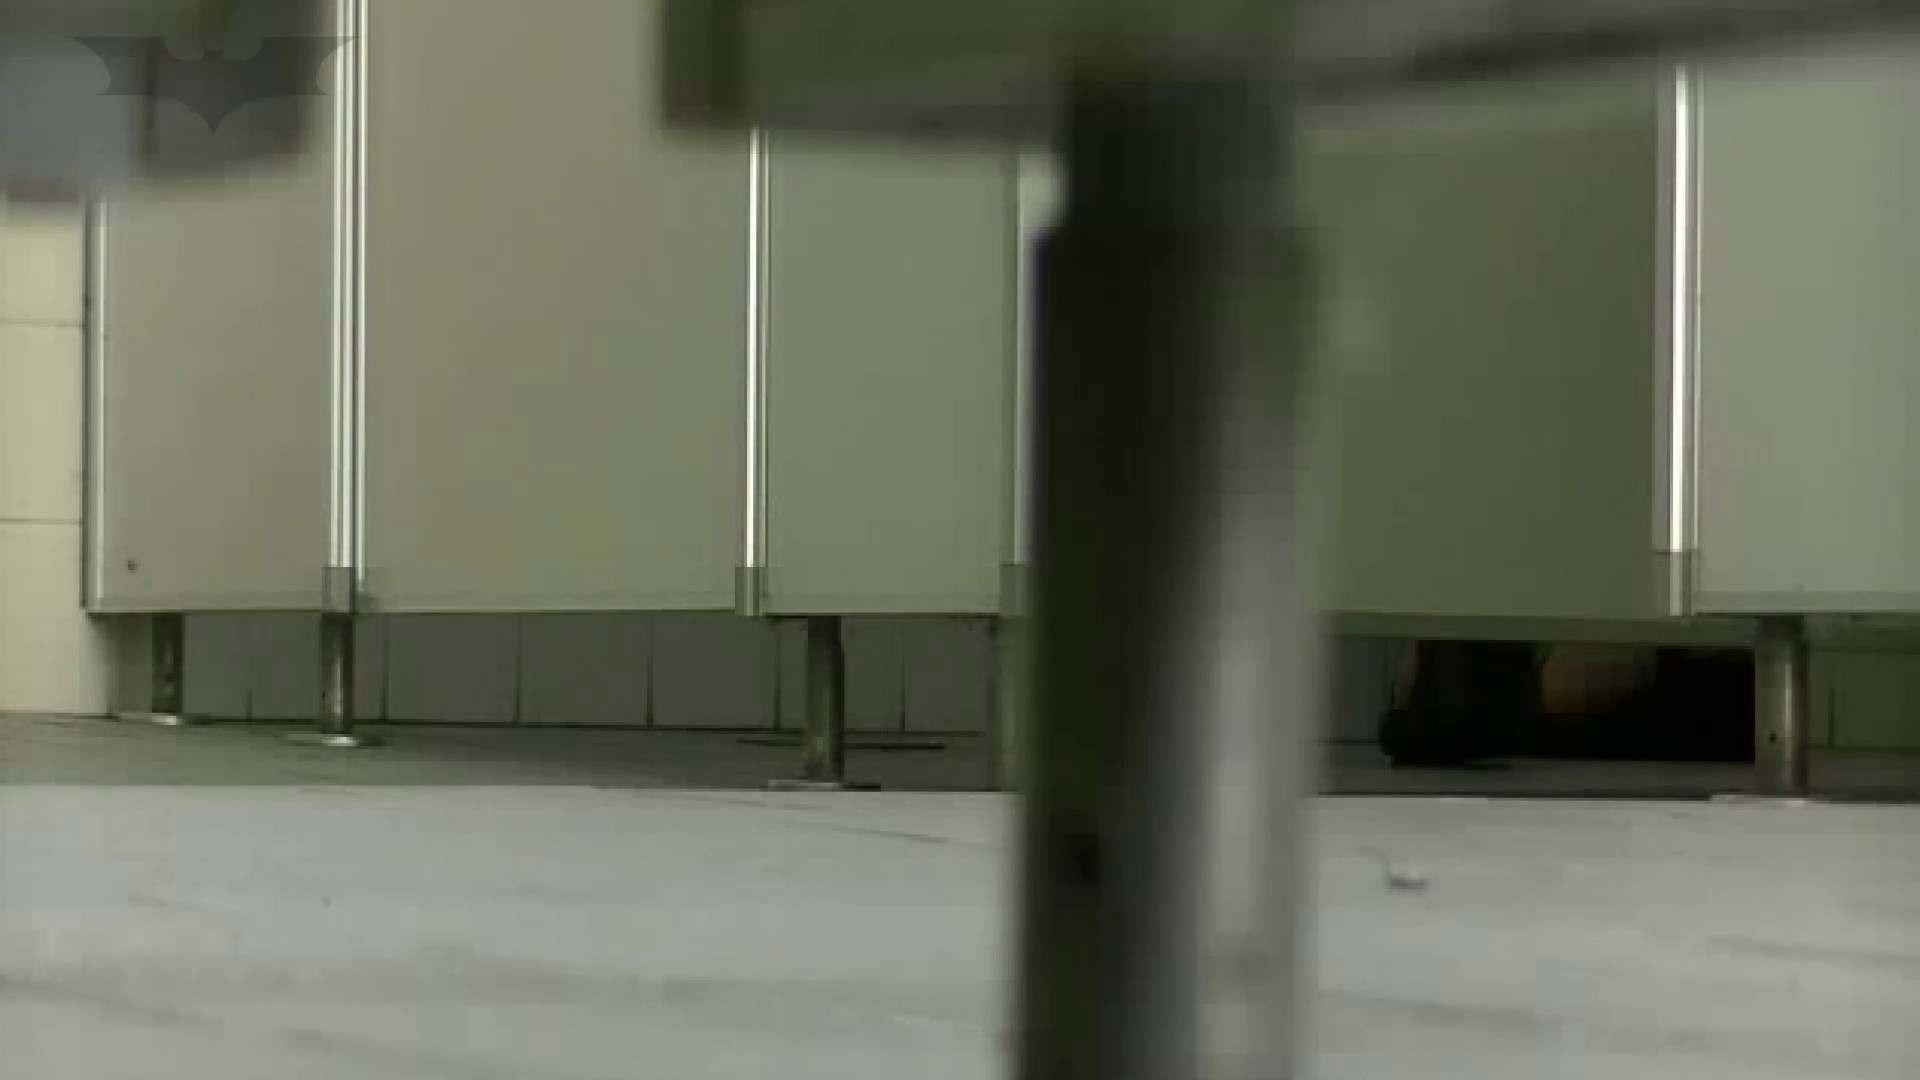 夏の思い出浜辺トイレ盗撮Vol.24 潜入 オメコ無修正動画無料 99pic 74